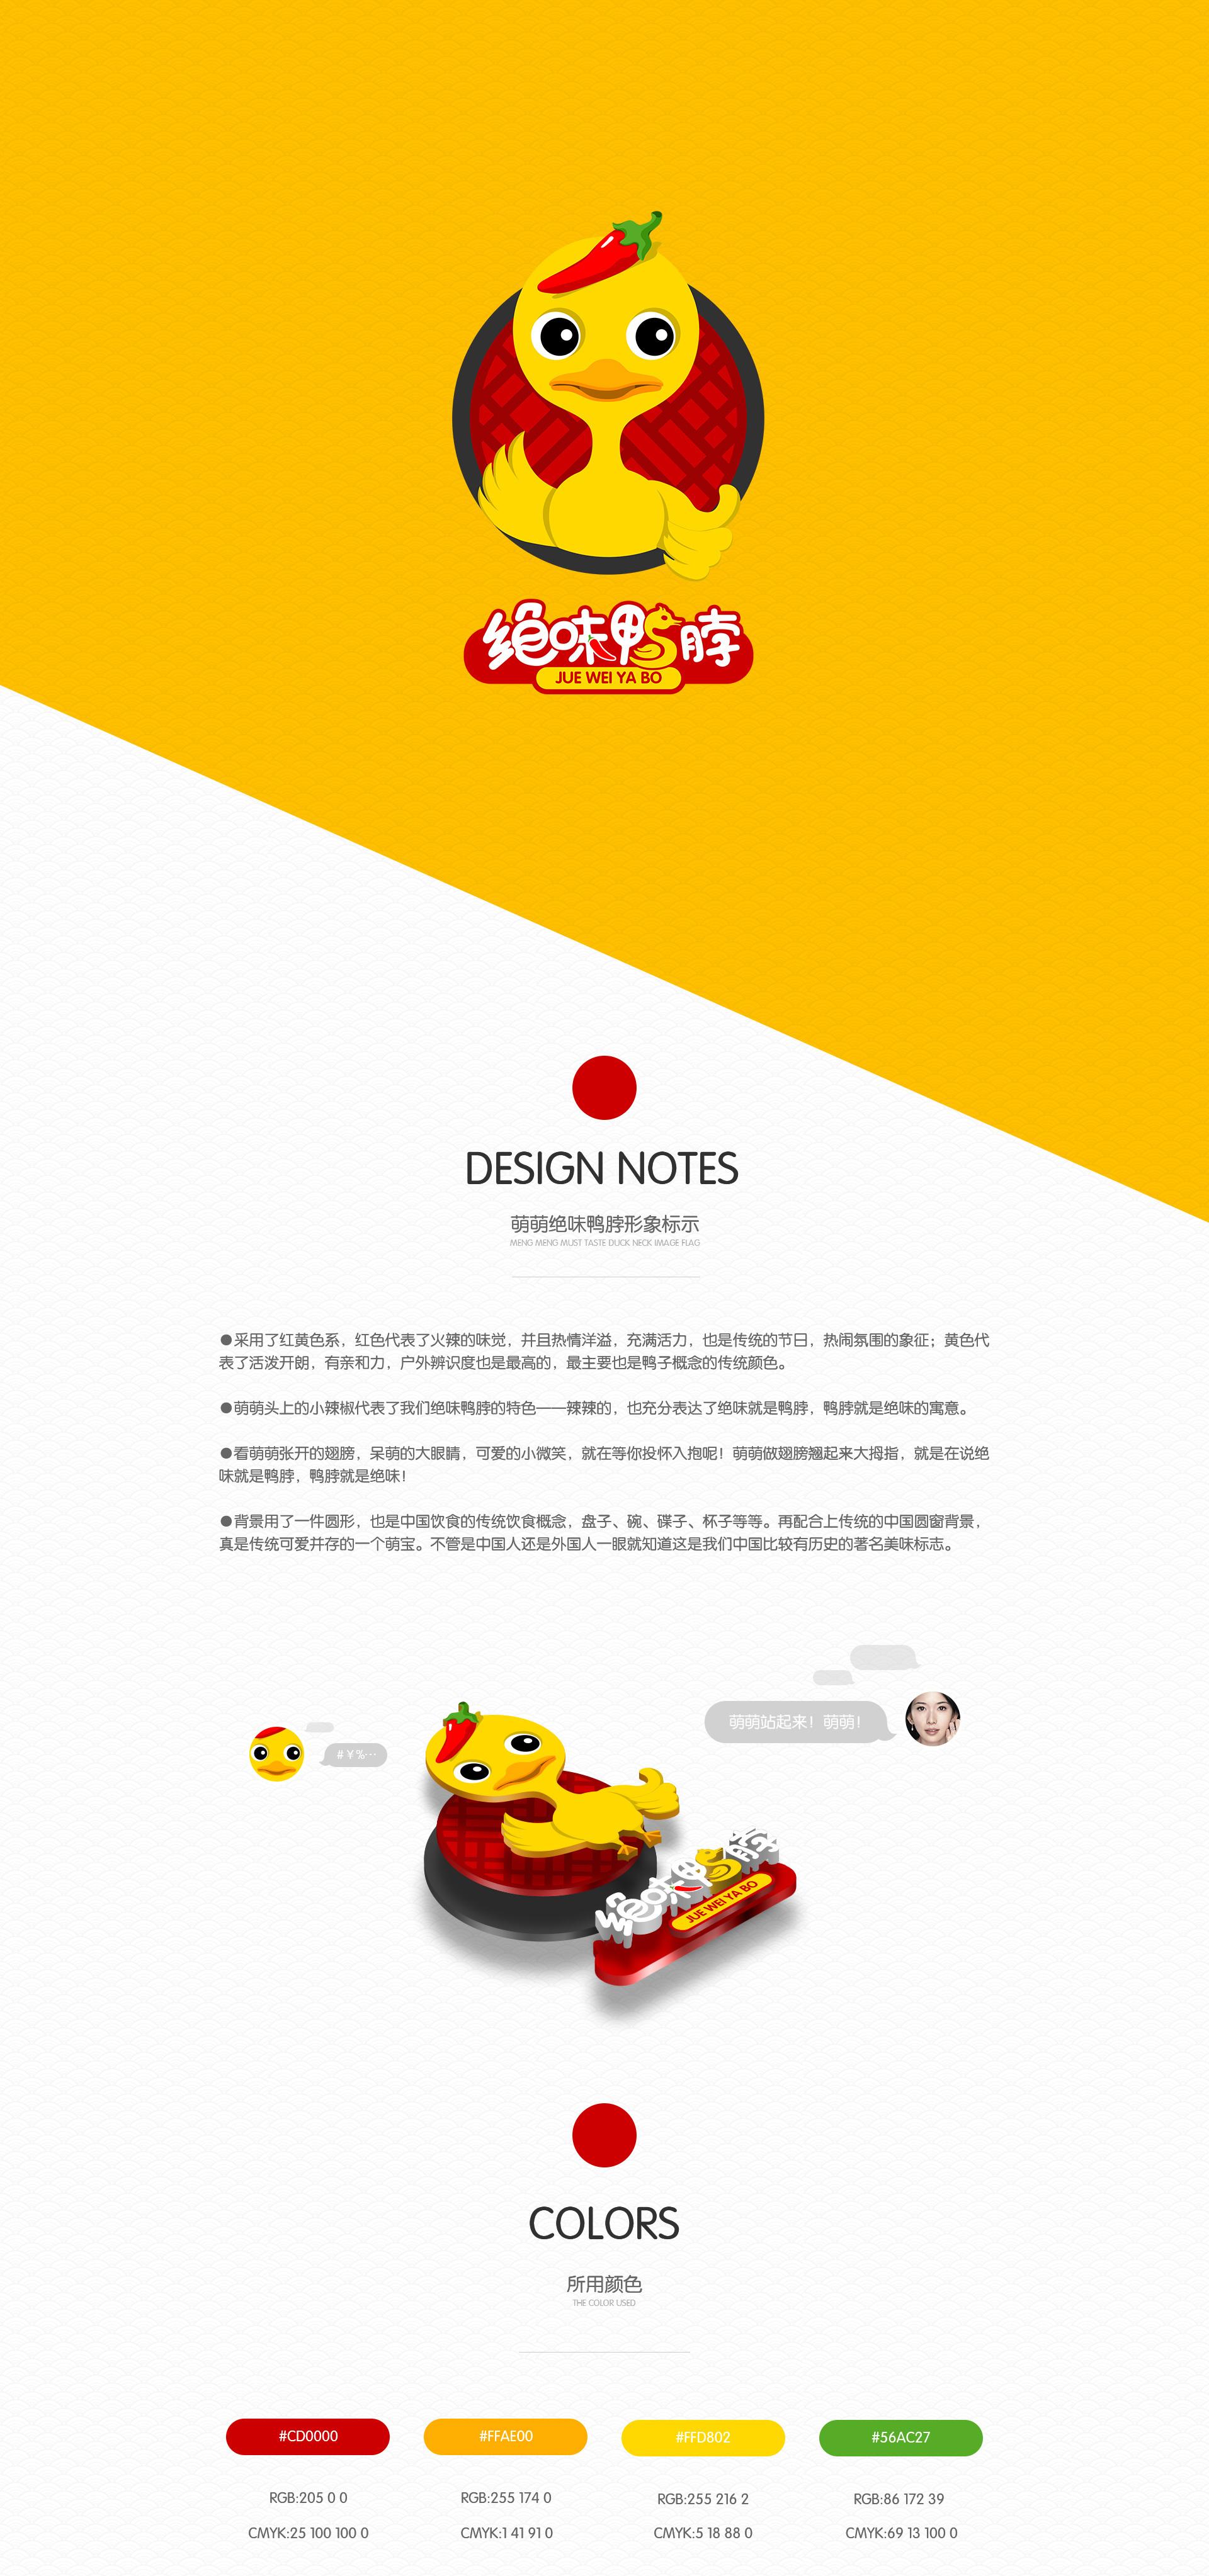 翘大拇指的品牌标志_绝味鸭脖、卡通形象、中文标示、标志设计、萌萌|平面|品牌 ...